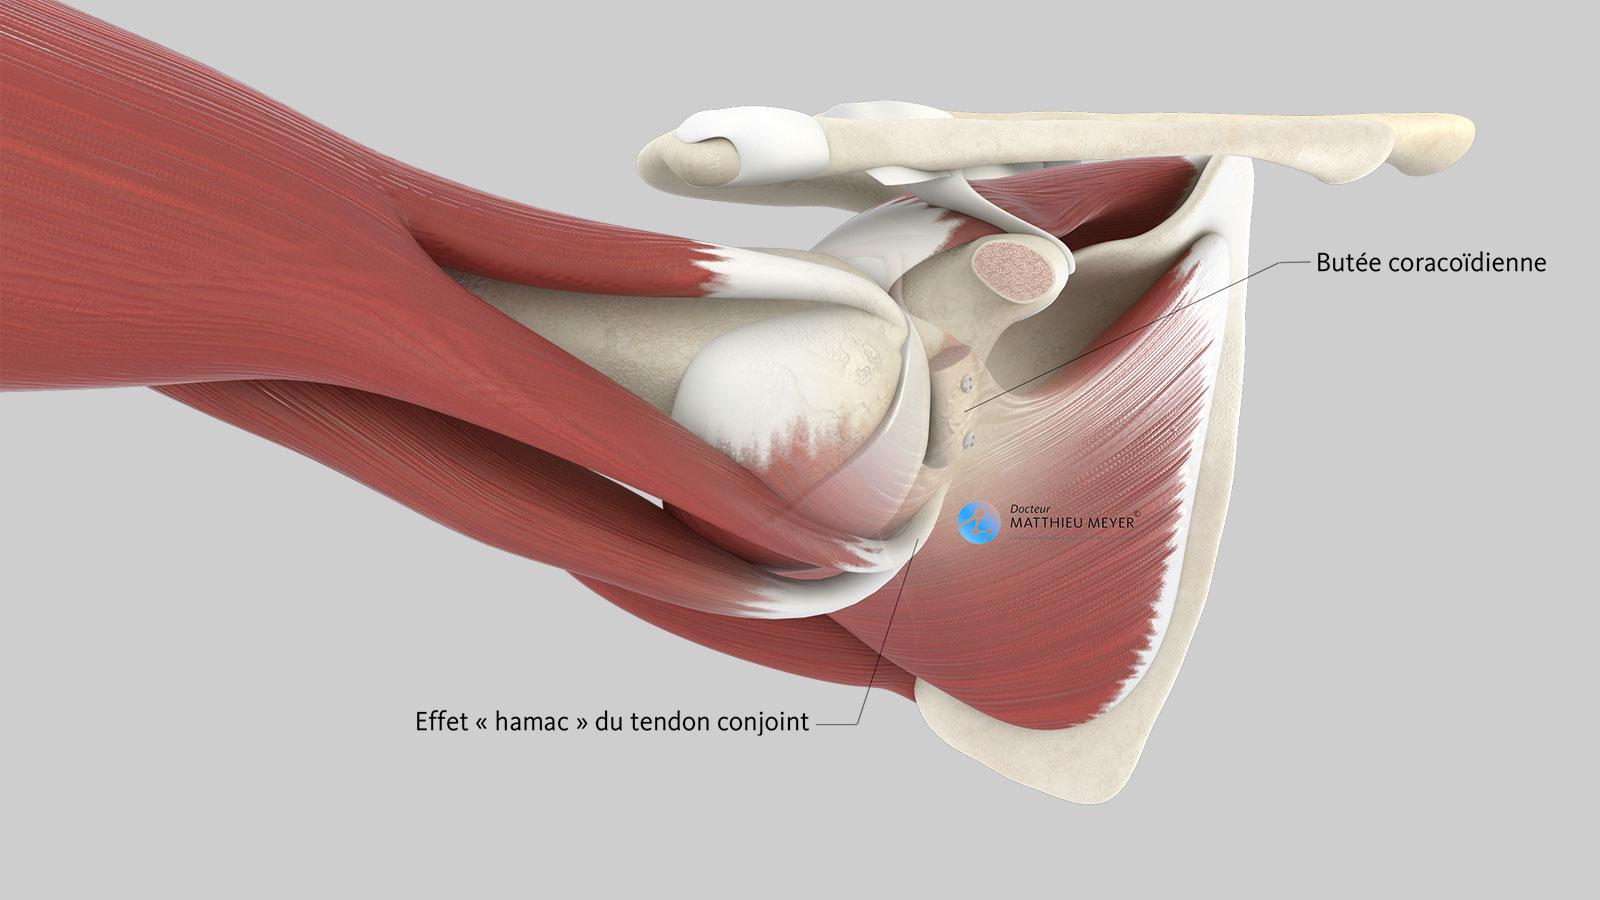 Stabilisation par effet hamac lors de l'armer du bras